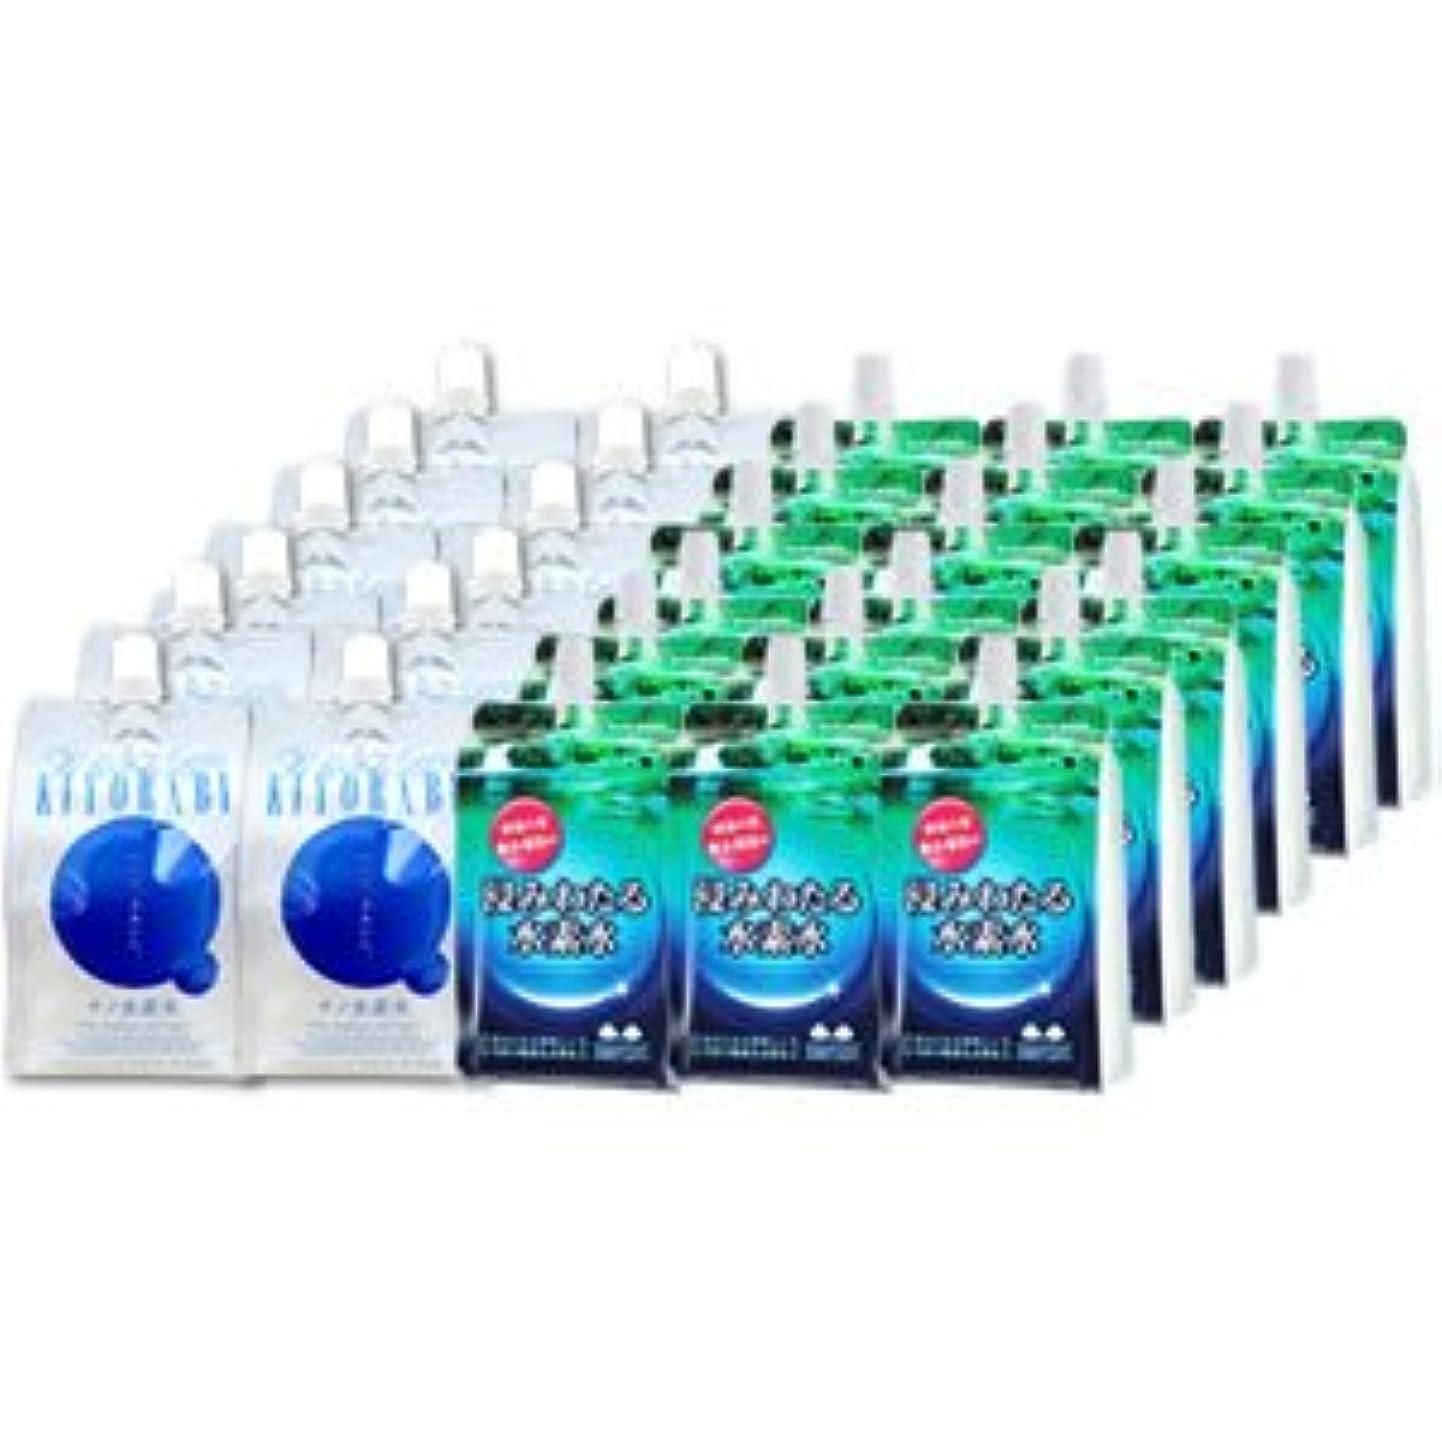 忘れる場合発送今だけさらに1本キヨラビをプレゼント 「ナノ水素水キヨラビ(500ml×12本)」+「浸みわたる水素水(500ml×18本)」飲み比べお試し30本セット